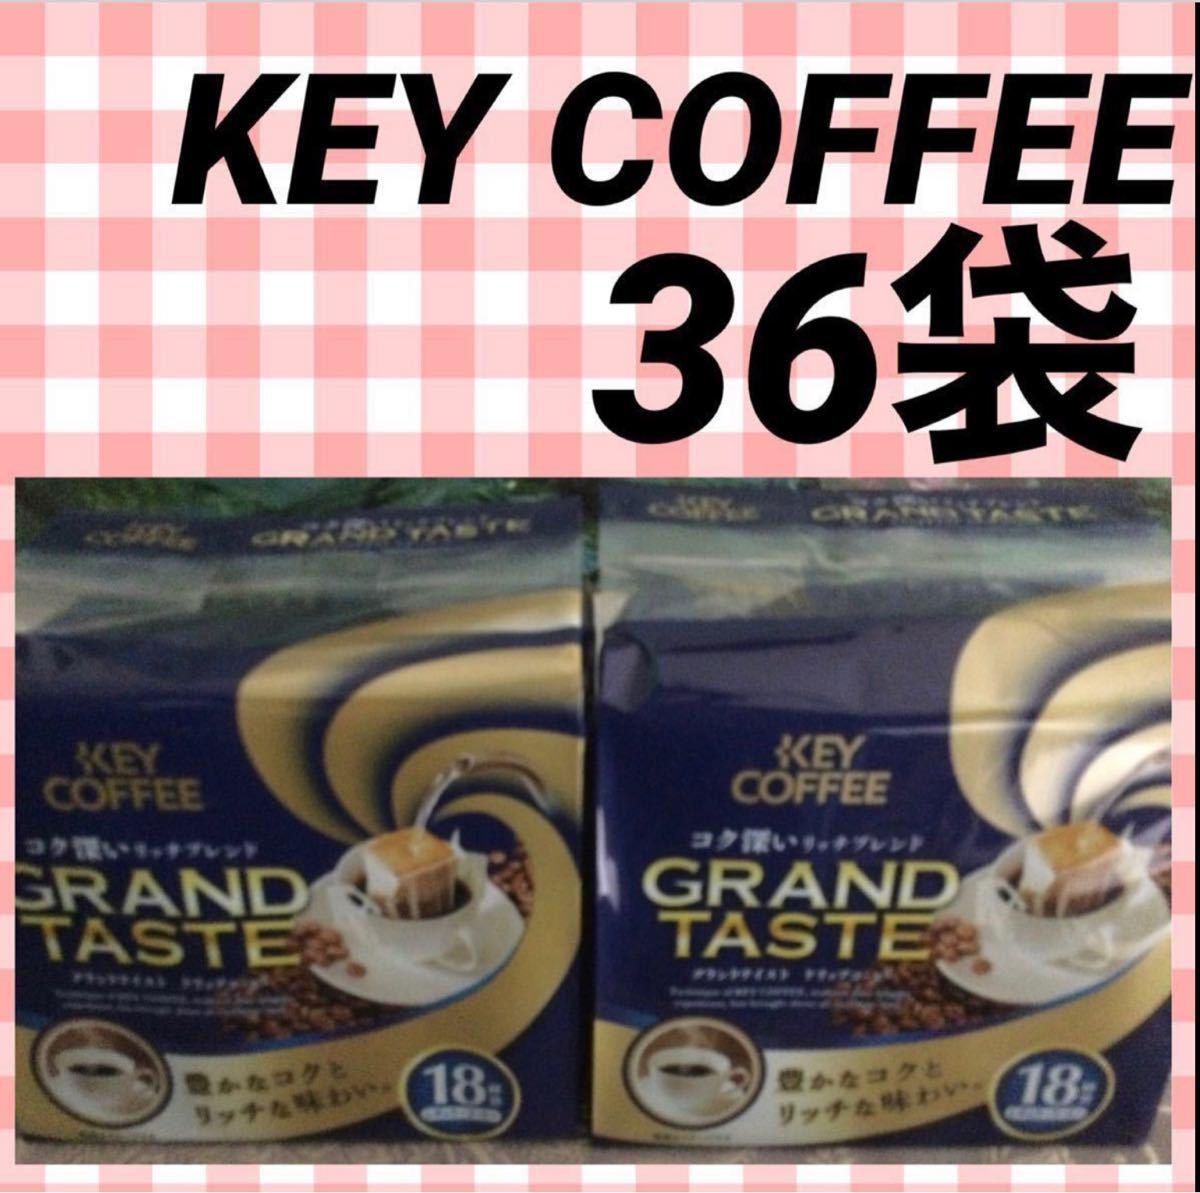 ドリップコーヒー KEY COFFEE GRAND TASTE 18x2 袋 (36パック)